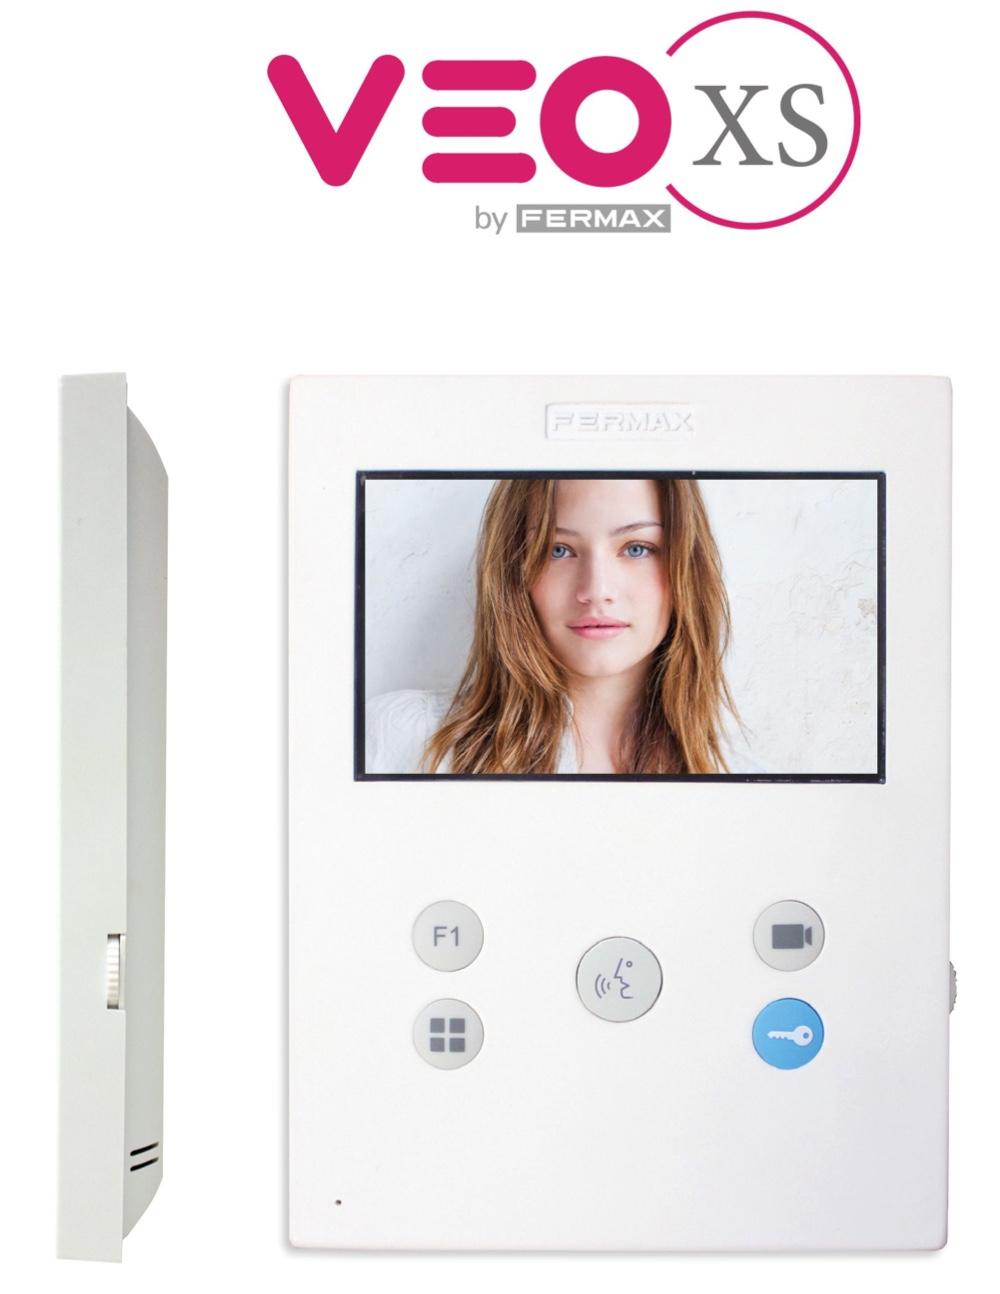 Monitor-VEO-XS-FERMAX